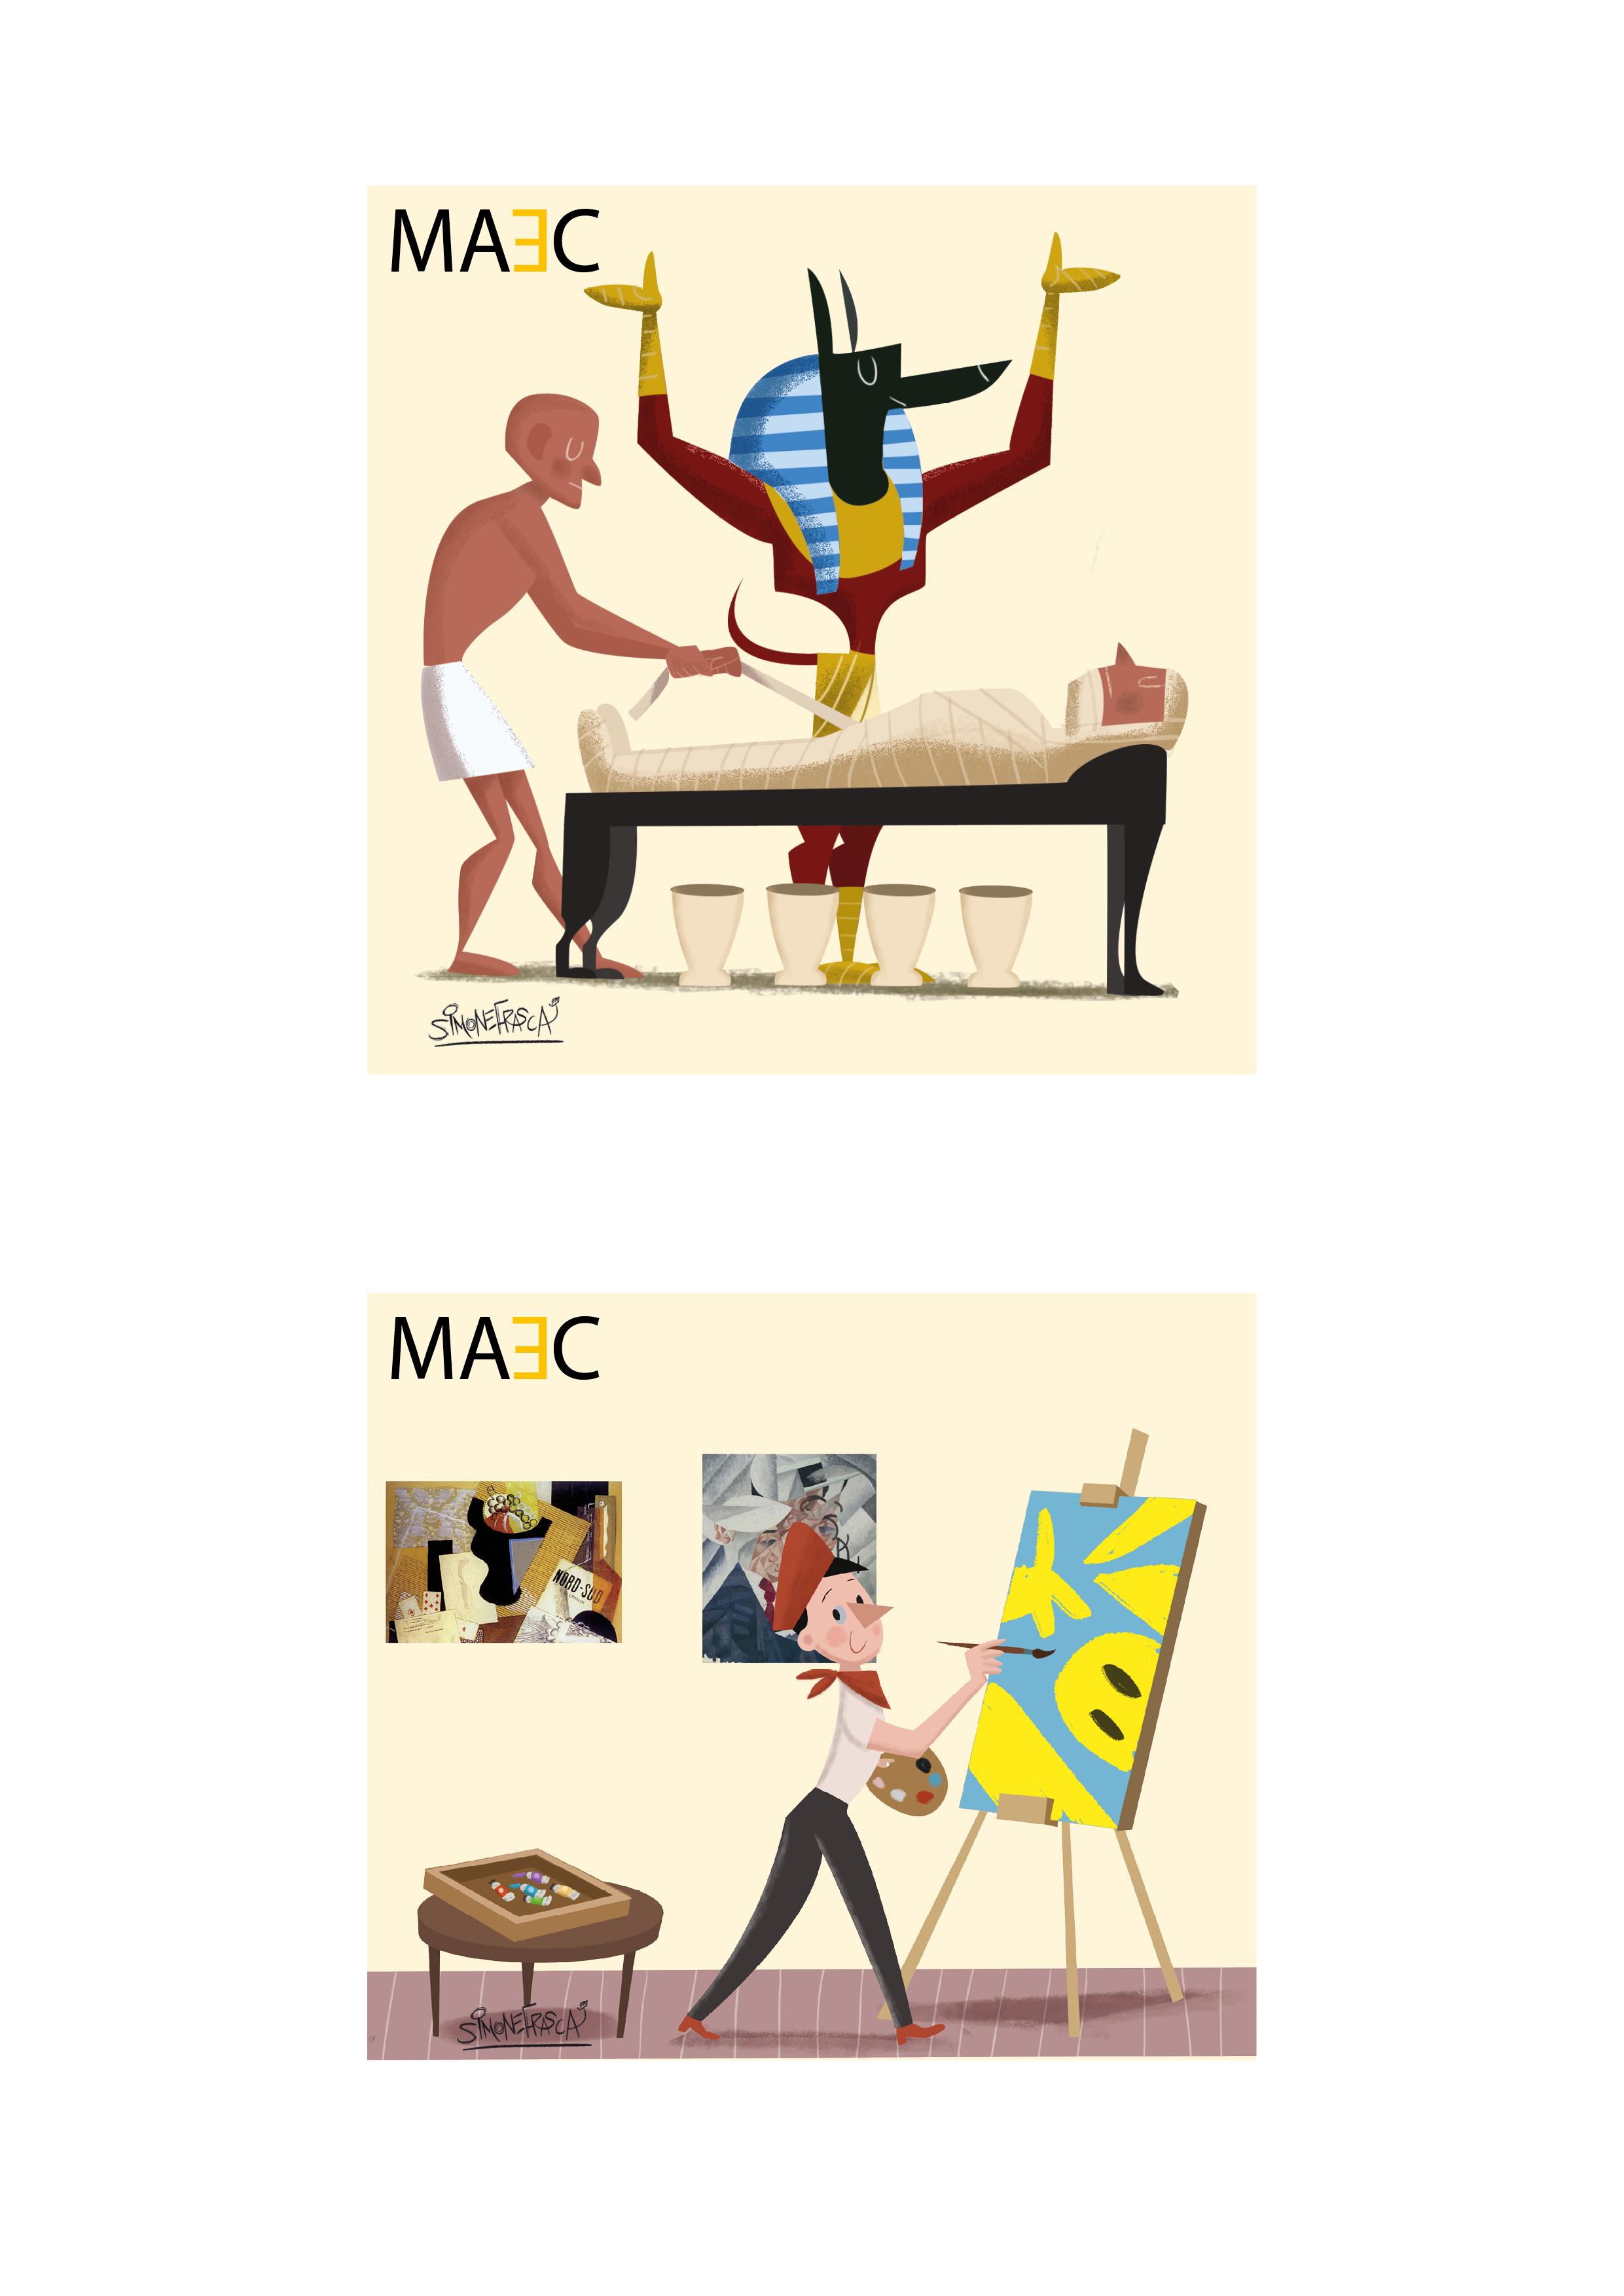 disegni illustrati del MAEC